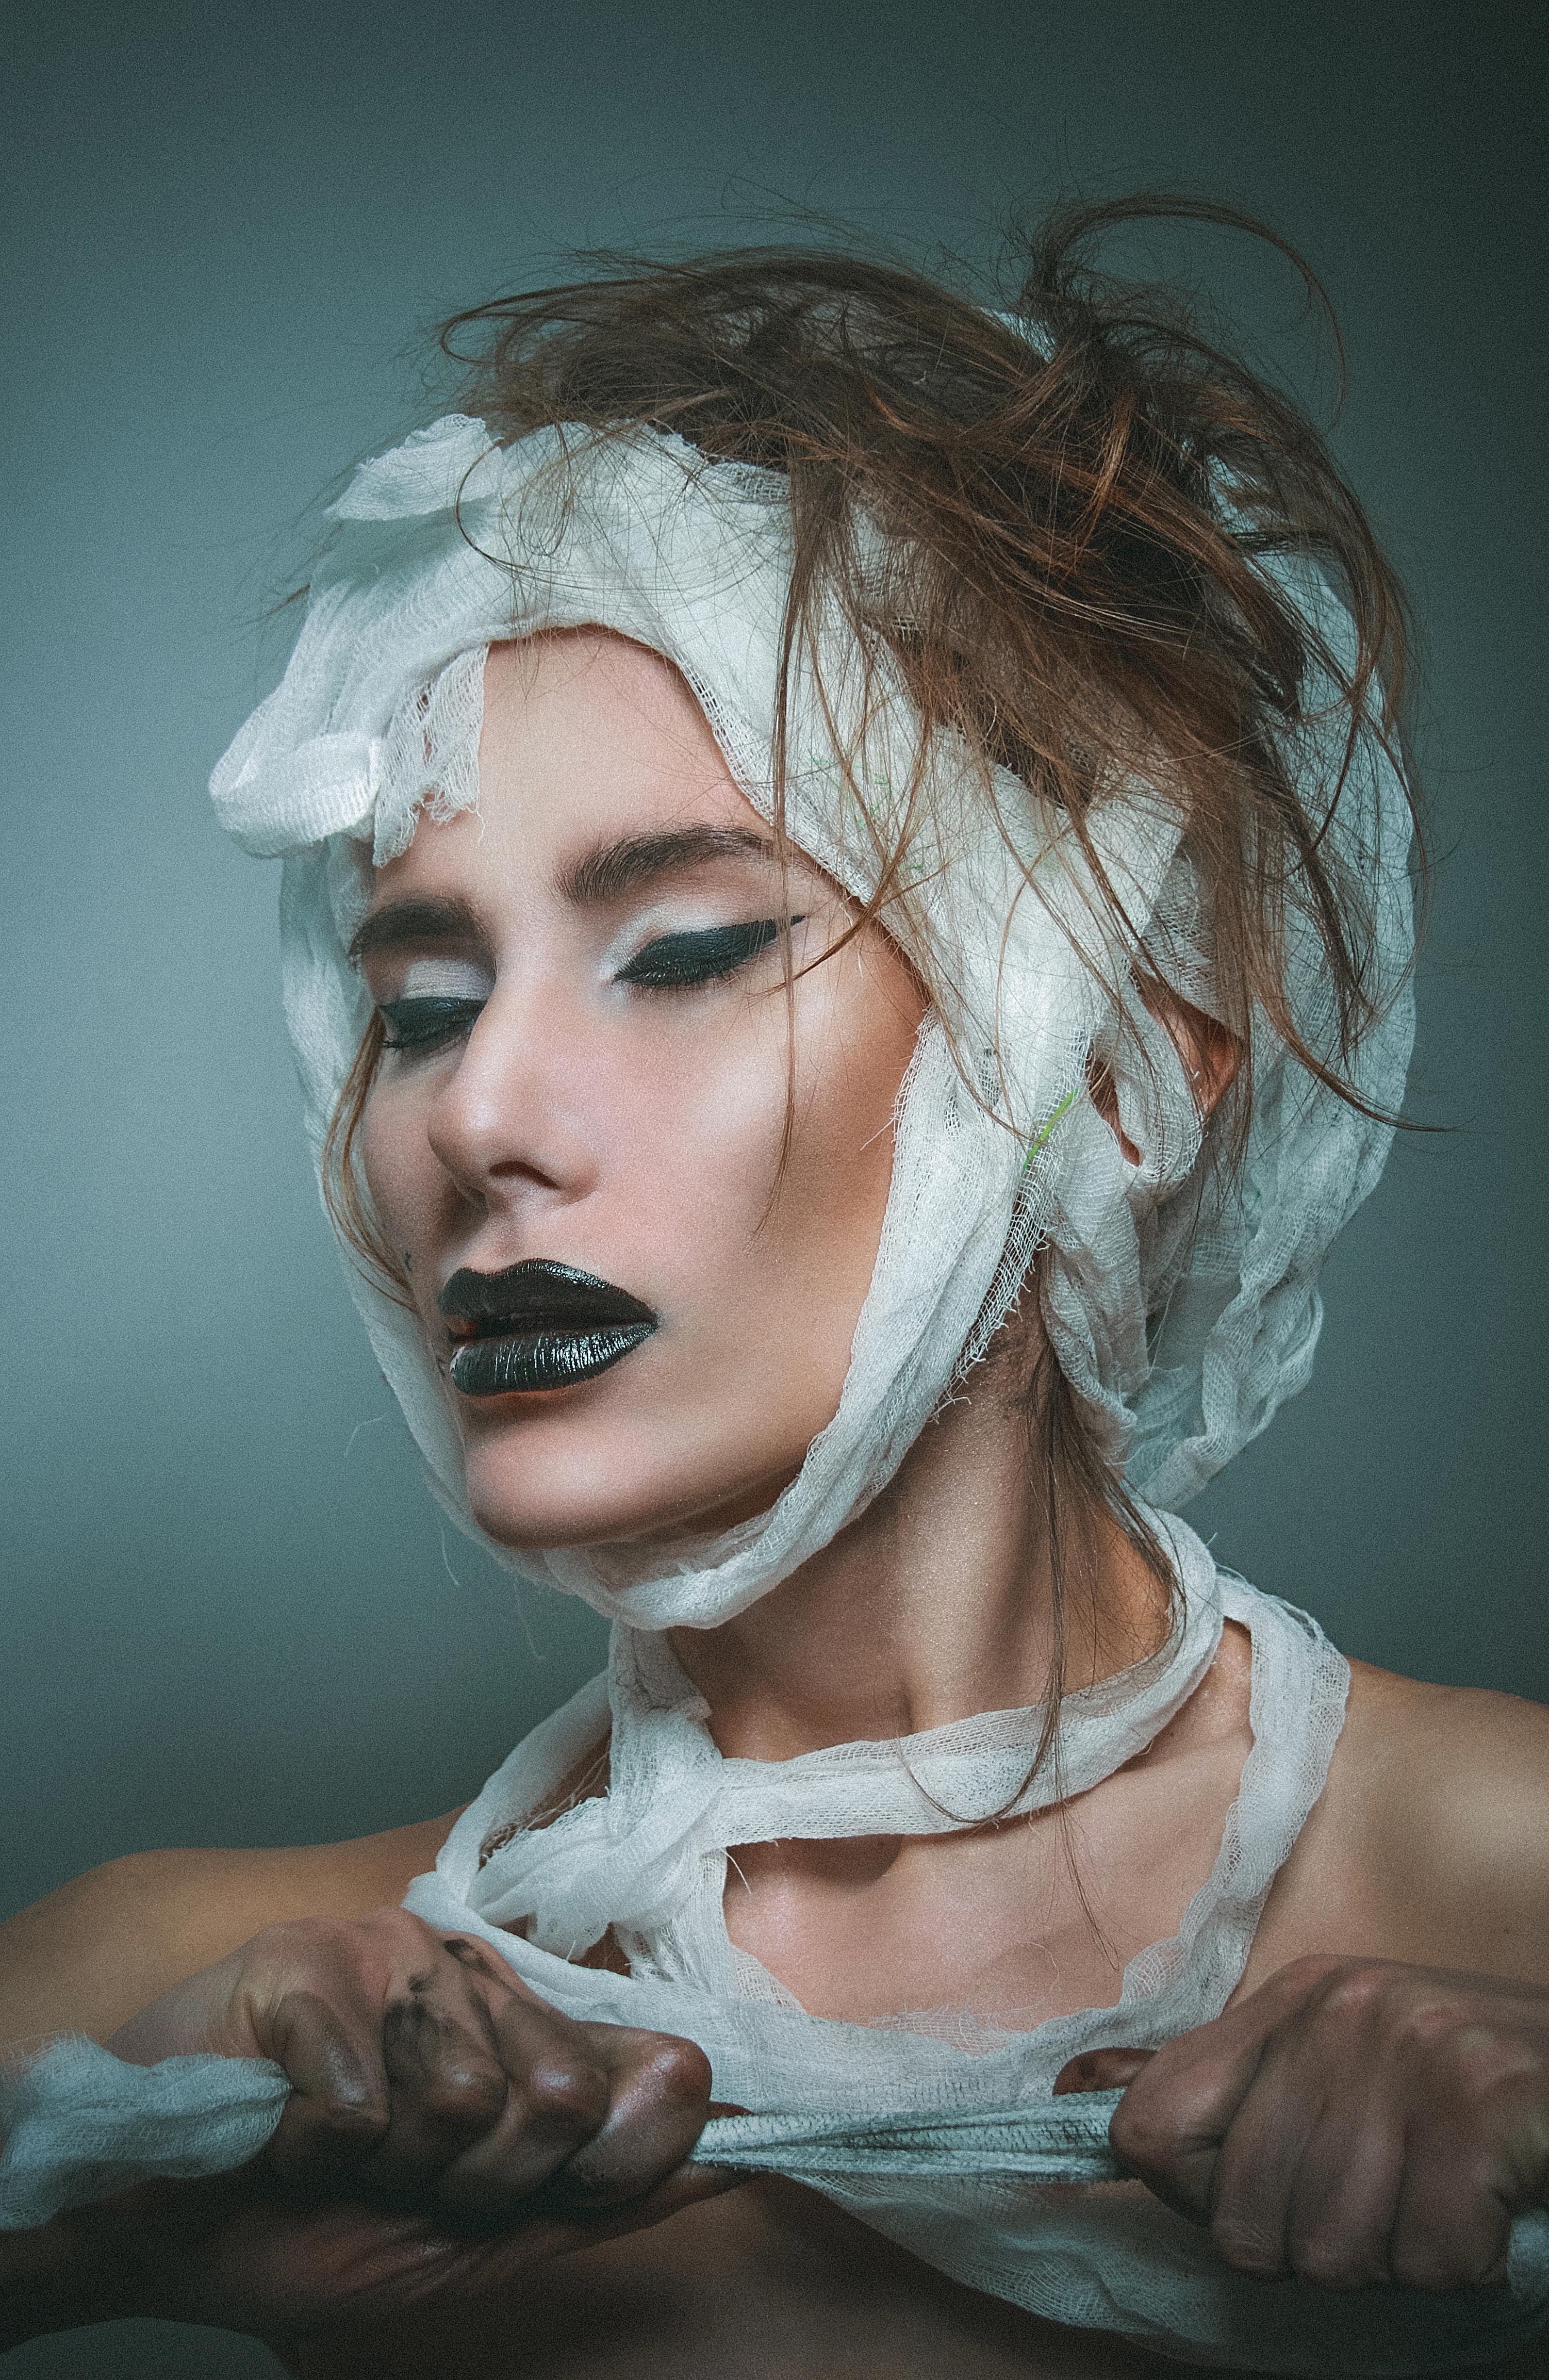 Модель: Натали